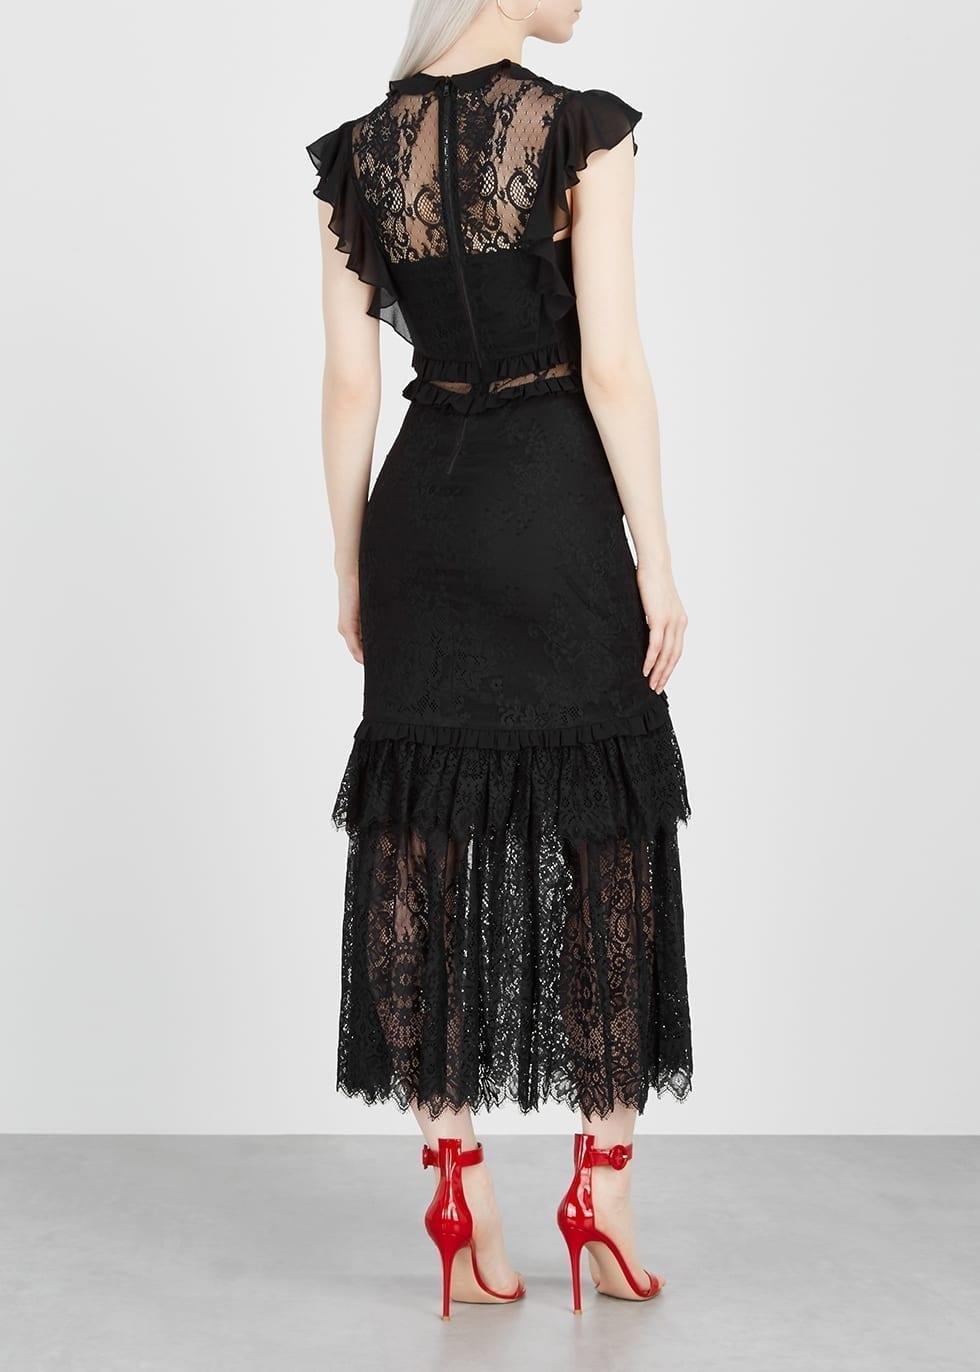 THREE FLOOR Print Ruffle-trimmed Lace Midi Black Dress